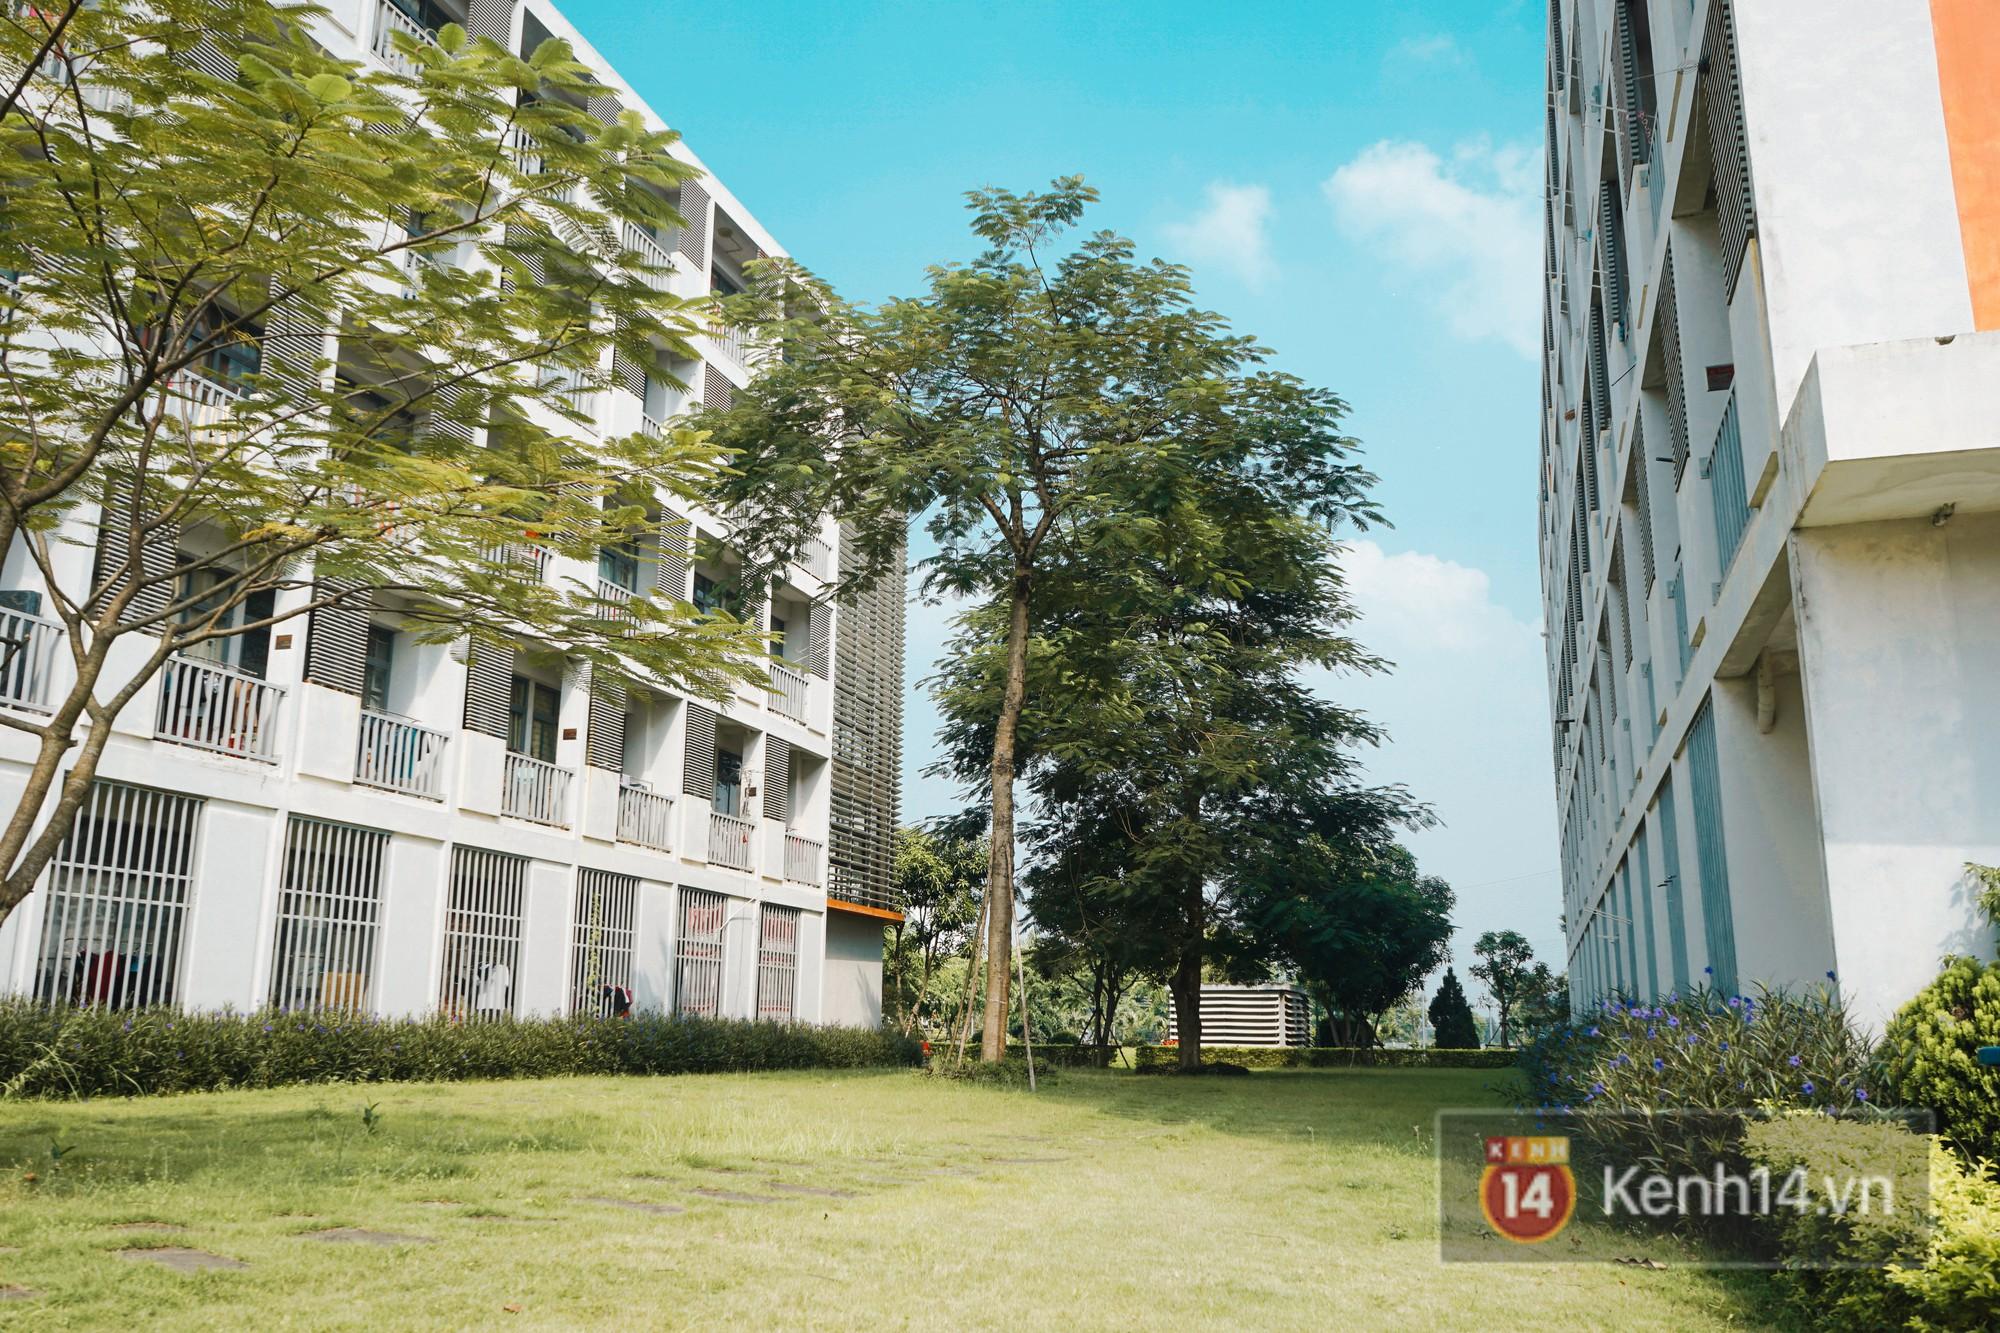 Khuôn viên xung quanh rất nhiều cây xanh và thảm cỏ.